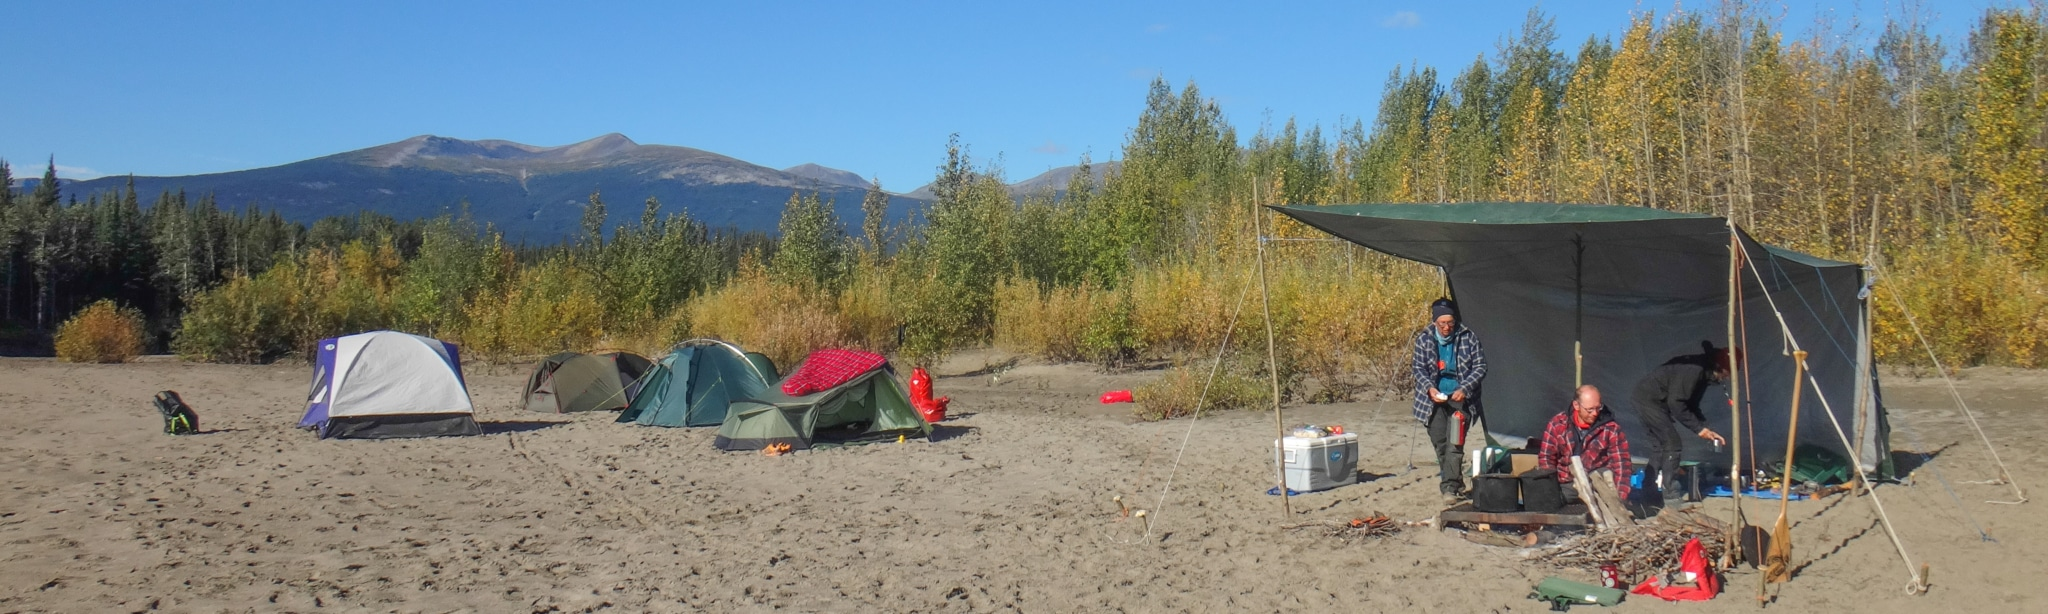 Kanutour auf dem Nisutlin River. Lagerleben auf dem Nisutlin River-Yukon